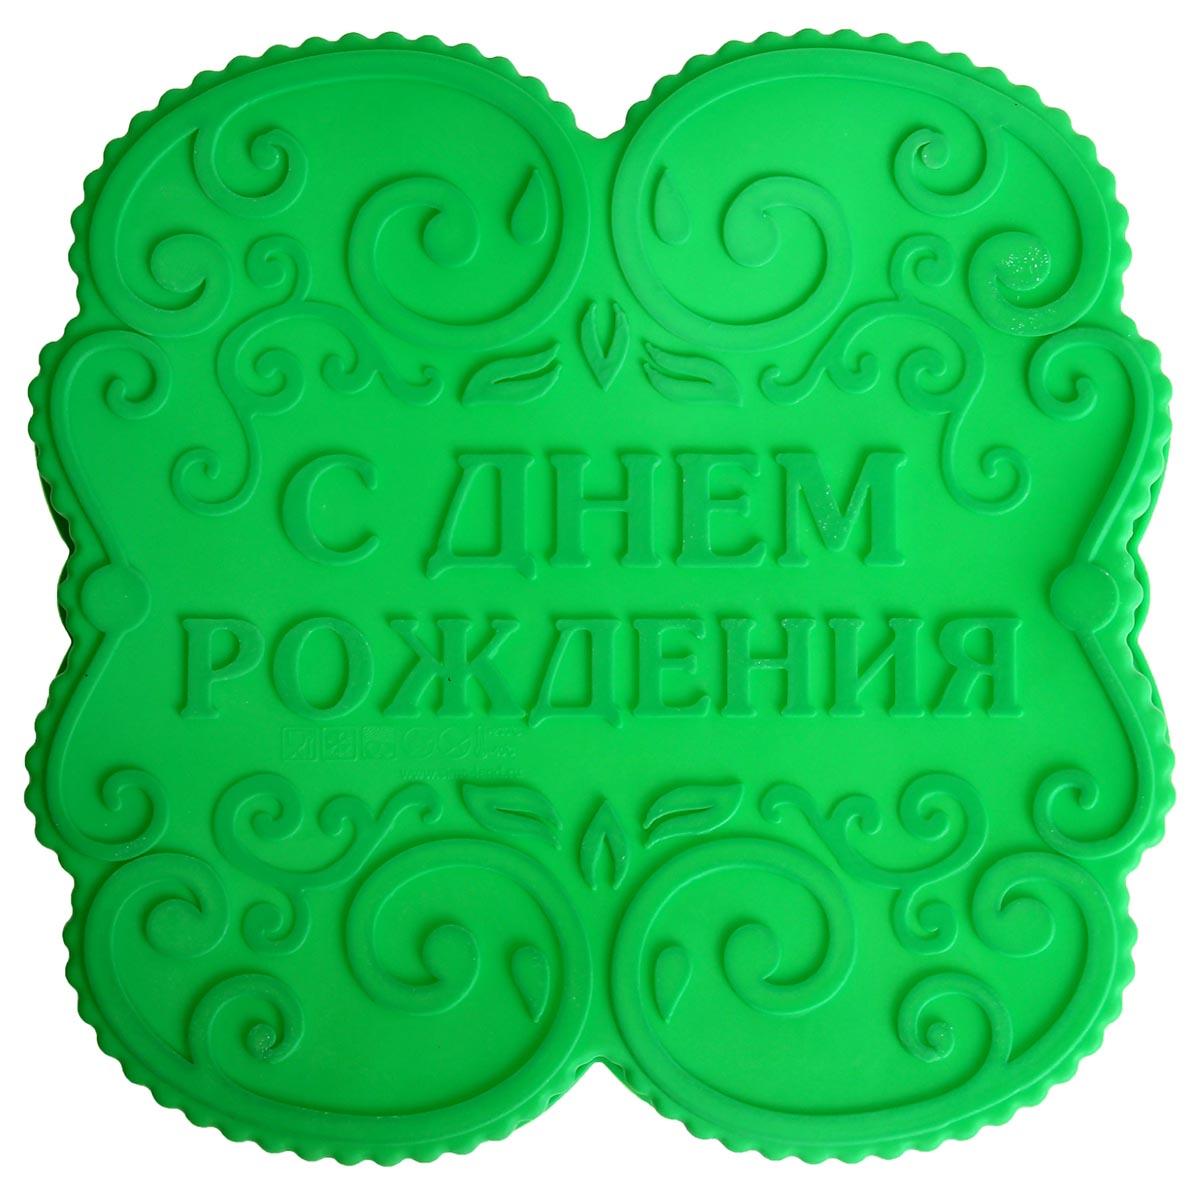 Форма для выпечки С Днем рождения, силиконовая, цвет: зеленый, 25 х 25 см1032216_зеленыйОт качества посуды зависит не только вкус еды, но и здоровье человека. Форма для выпечки — товар, соответствующий российским стандартам качества. Любой хозяйке будет приятно держать его в руках.